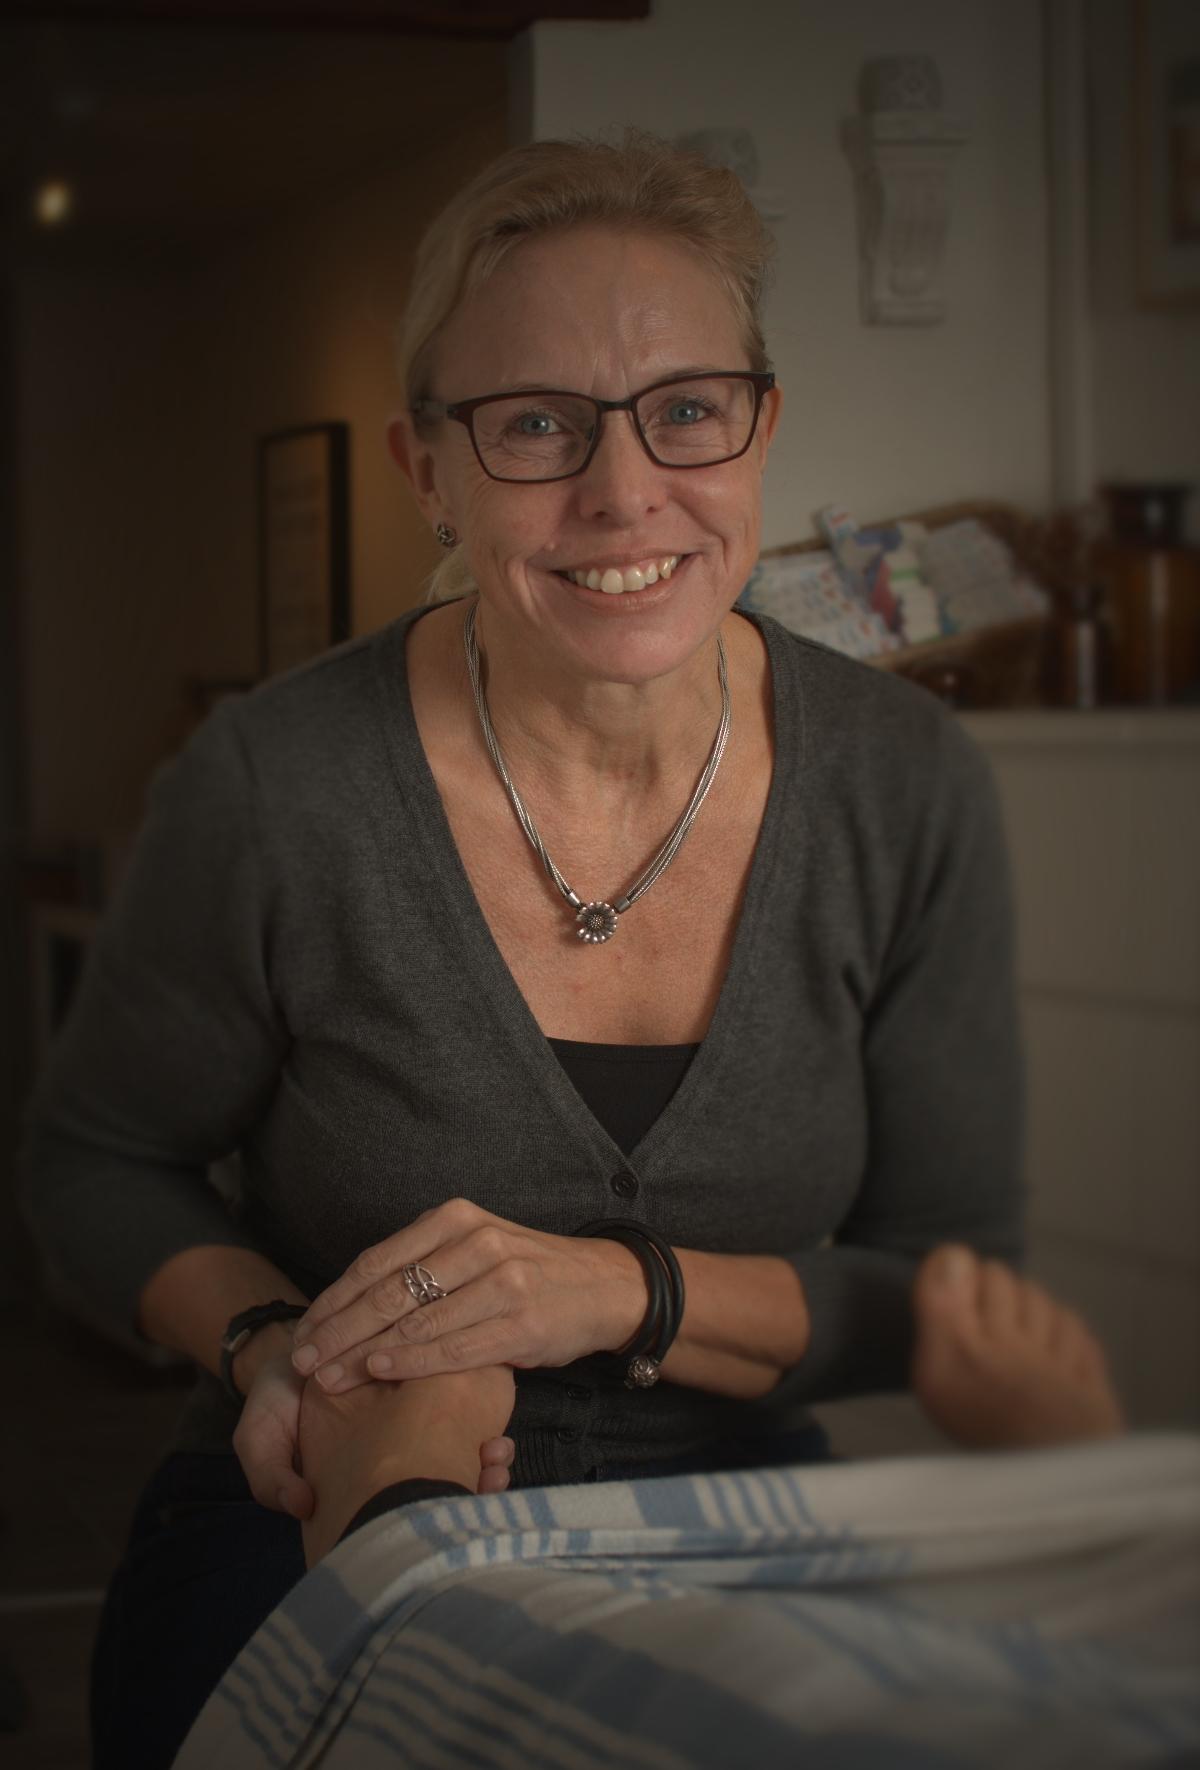 Marianne giver zoneterapi i klinikken